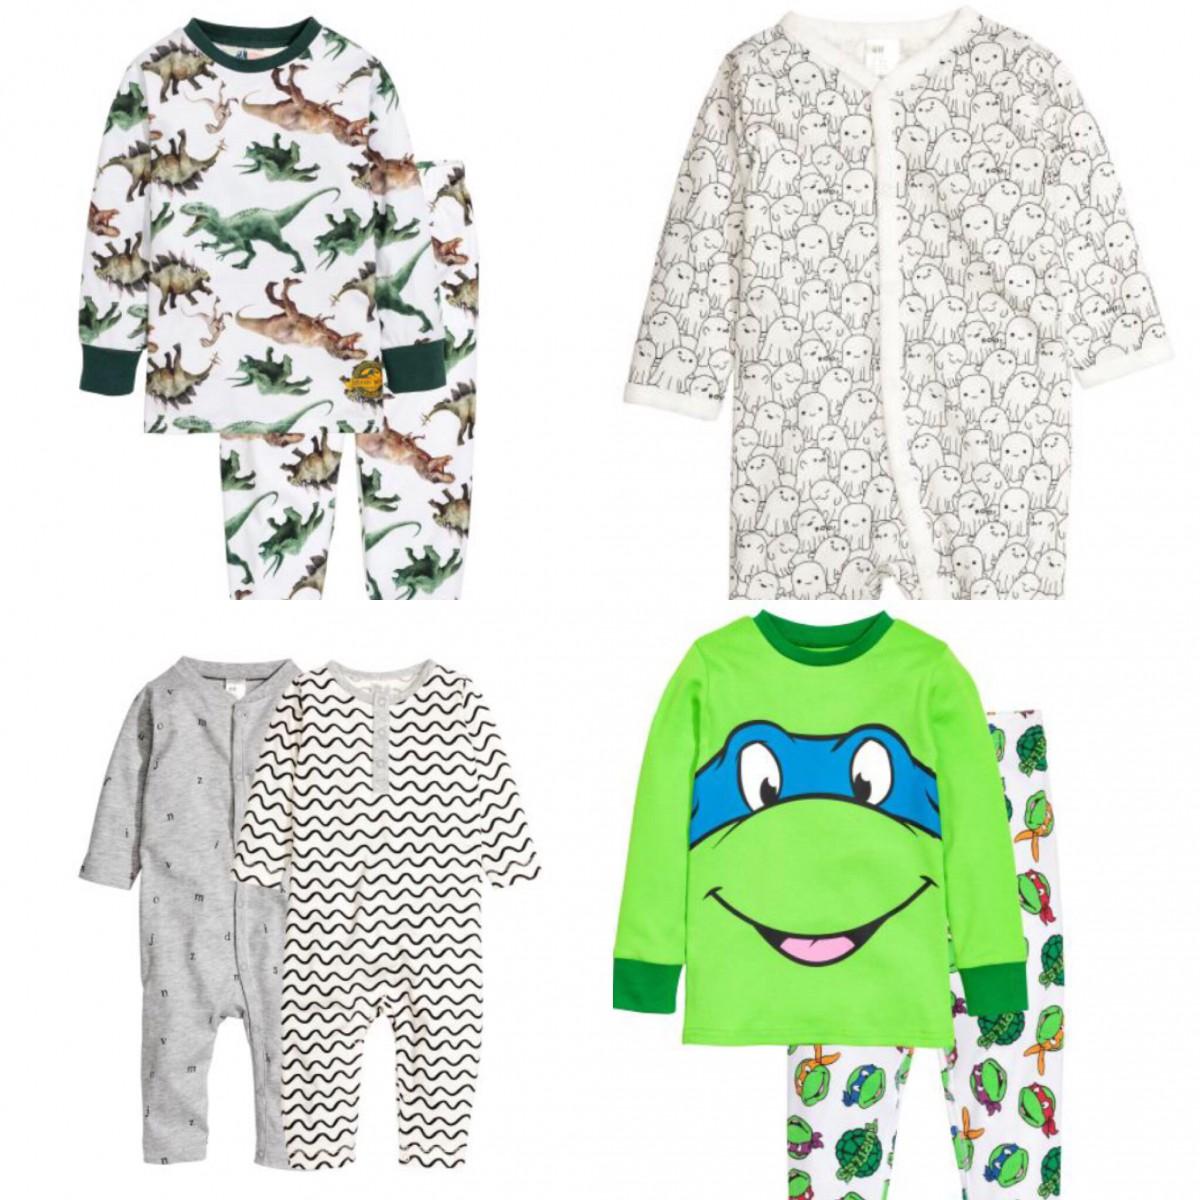 1962426d191 clockwise from top left: Jersey Pyjamas in White £9.99, Printed Pyjamas  £5.99, Jersey Pyjamas in Green £9.99, 2-pack All-in-one Pyjamas in Grey  £9.99